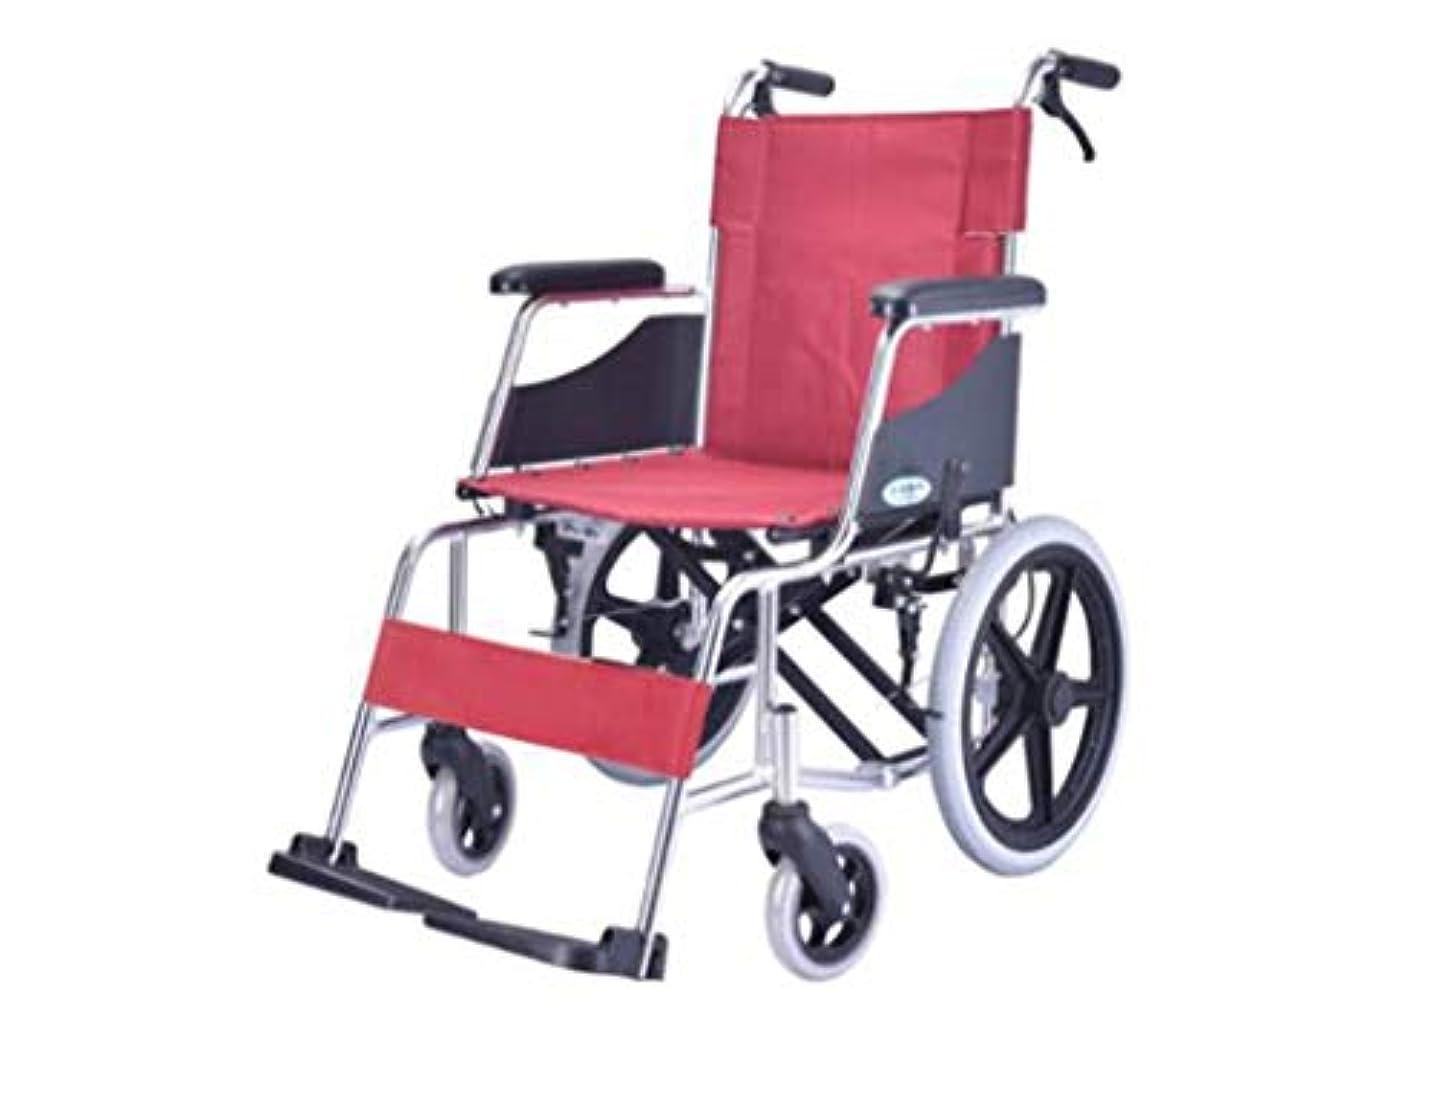 緯度スラッシュ動物車椅子折りたたみ式、高齢者用車椅子用手動航空チタン合金、背もたれ収納バッグのデザイン、200 kgのベアリング